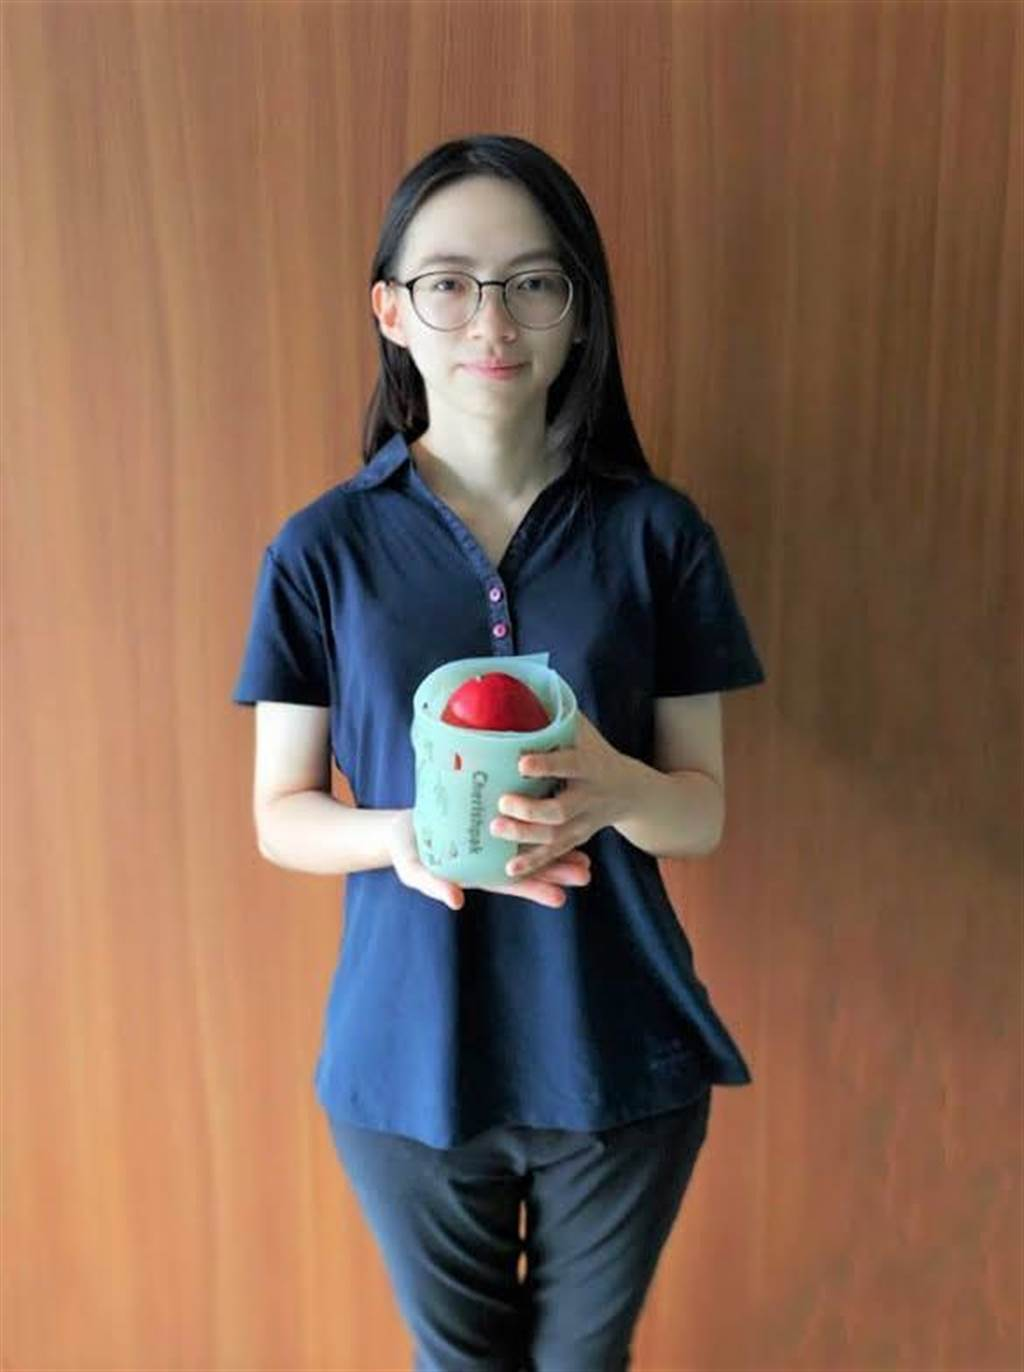 中原大學設計系學生陳怡如、蔡念庭、連以瑄的作品「Cherishpak擁抱緩衝包裝」,獲得今年韓國發明展金牌。(中華創新發明學會提供/林志成台北傳真)